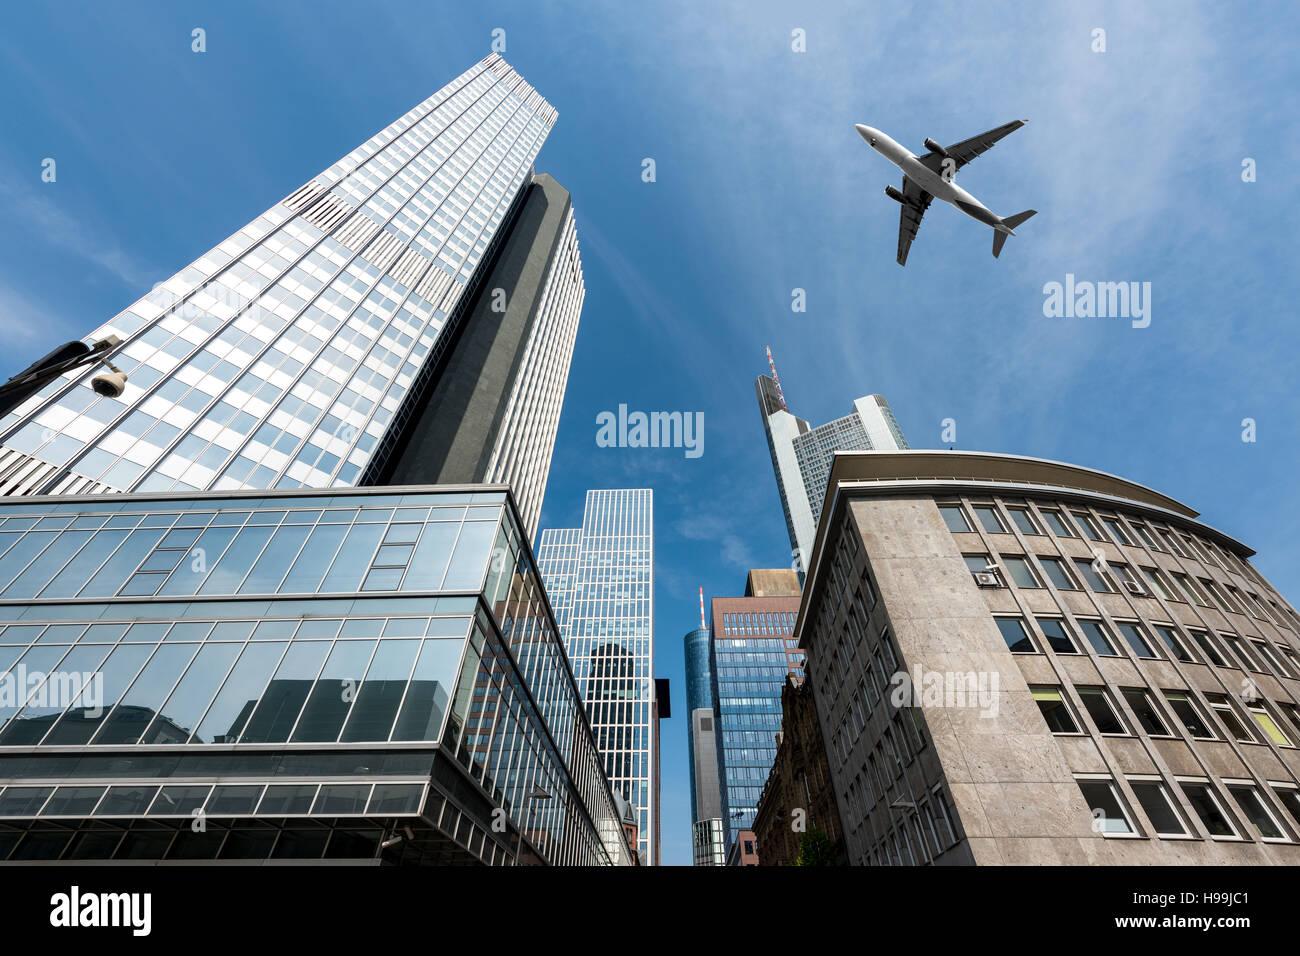 Morgen Frankfurt frankfurter wolkenkratzer gebäude und ein flugzeug fliegen overhead